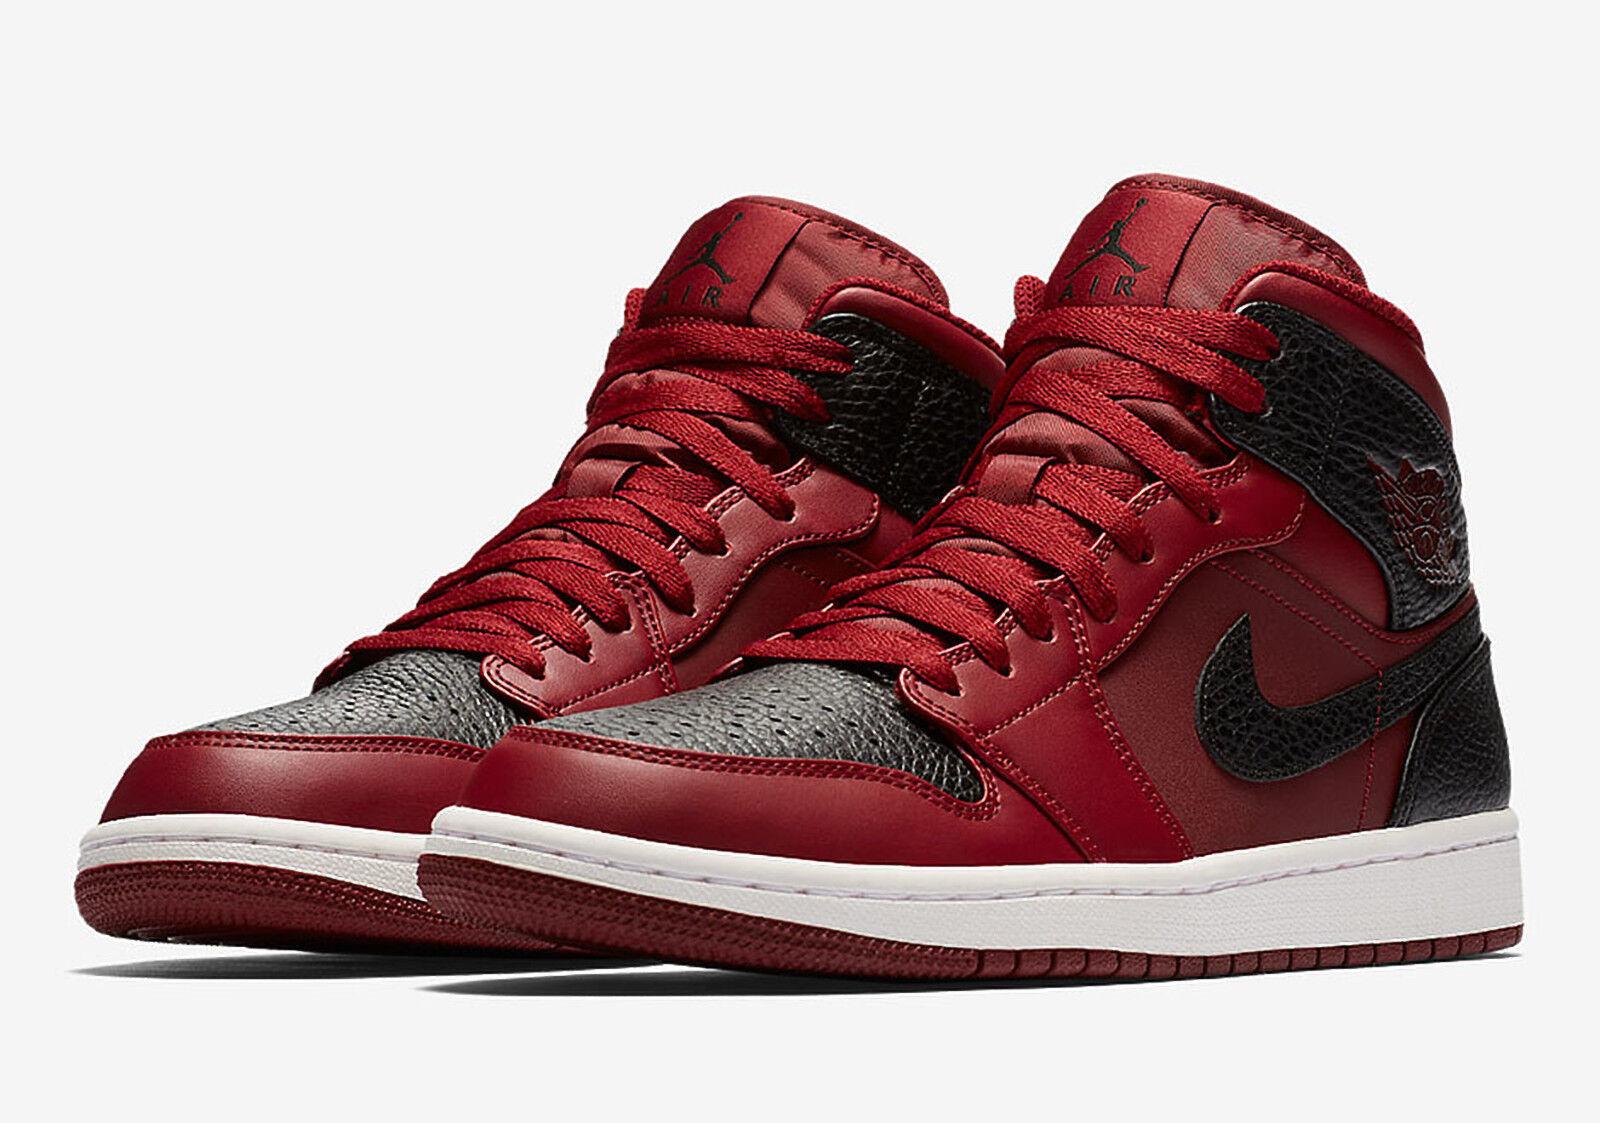 Nike Air Jordan 1 Mid Team rouge/noir Trainers9 BRAND NEW